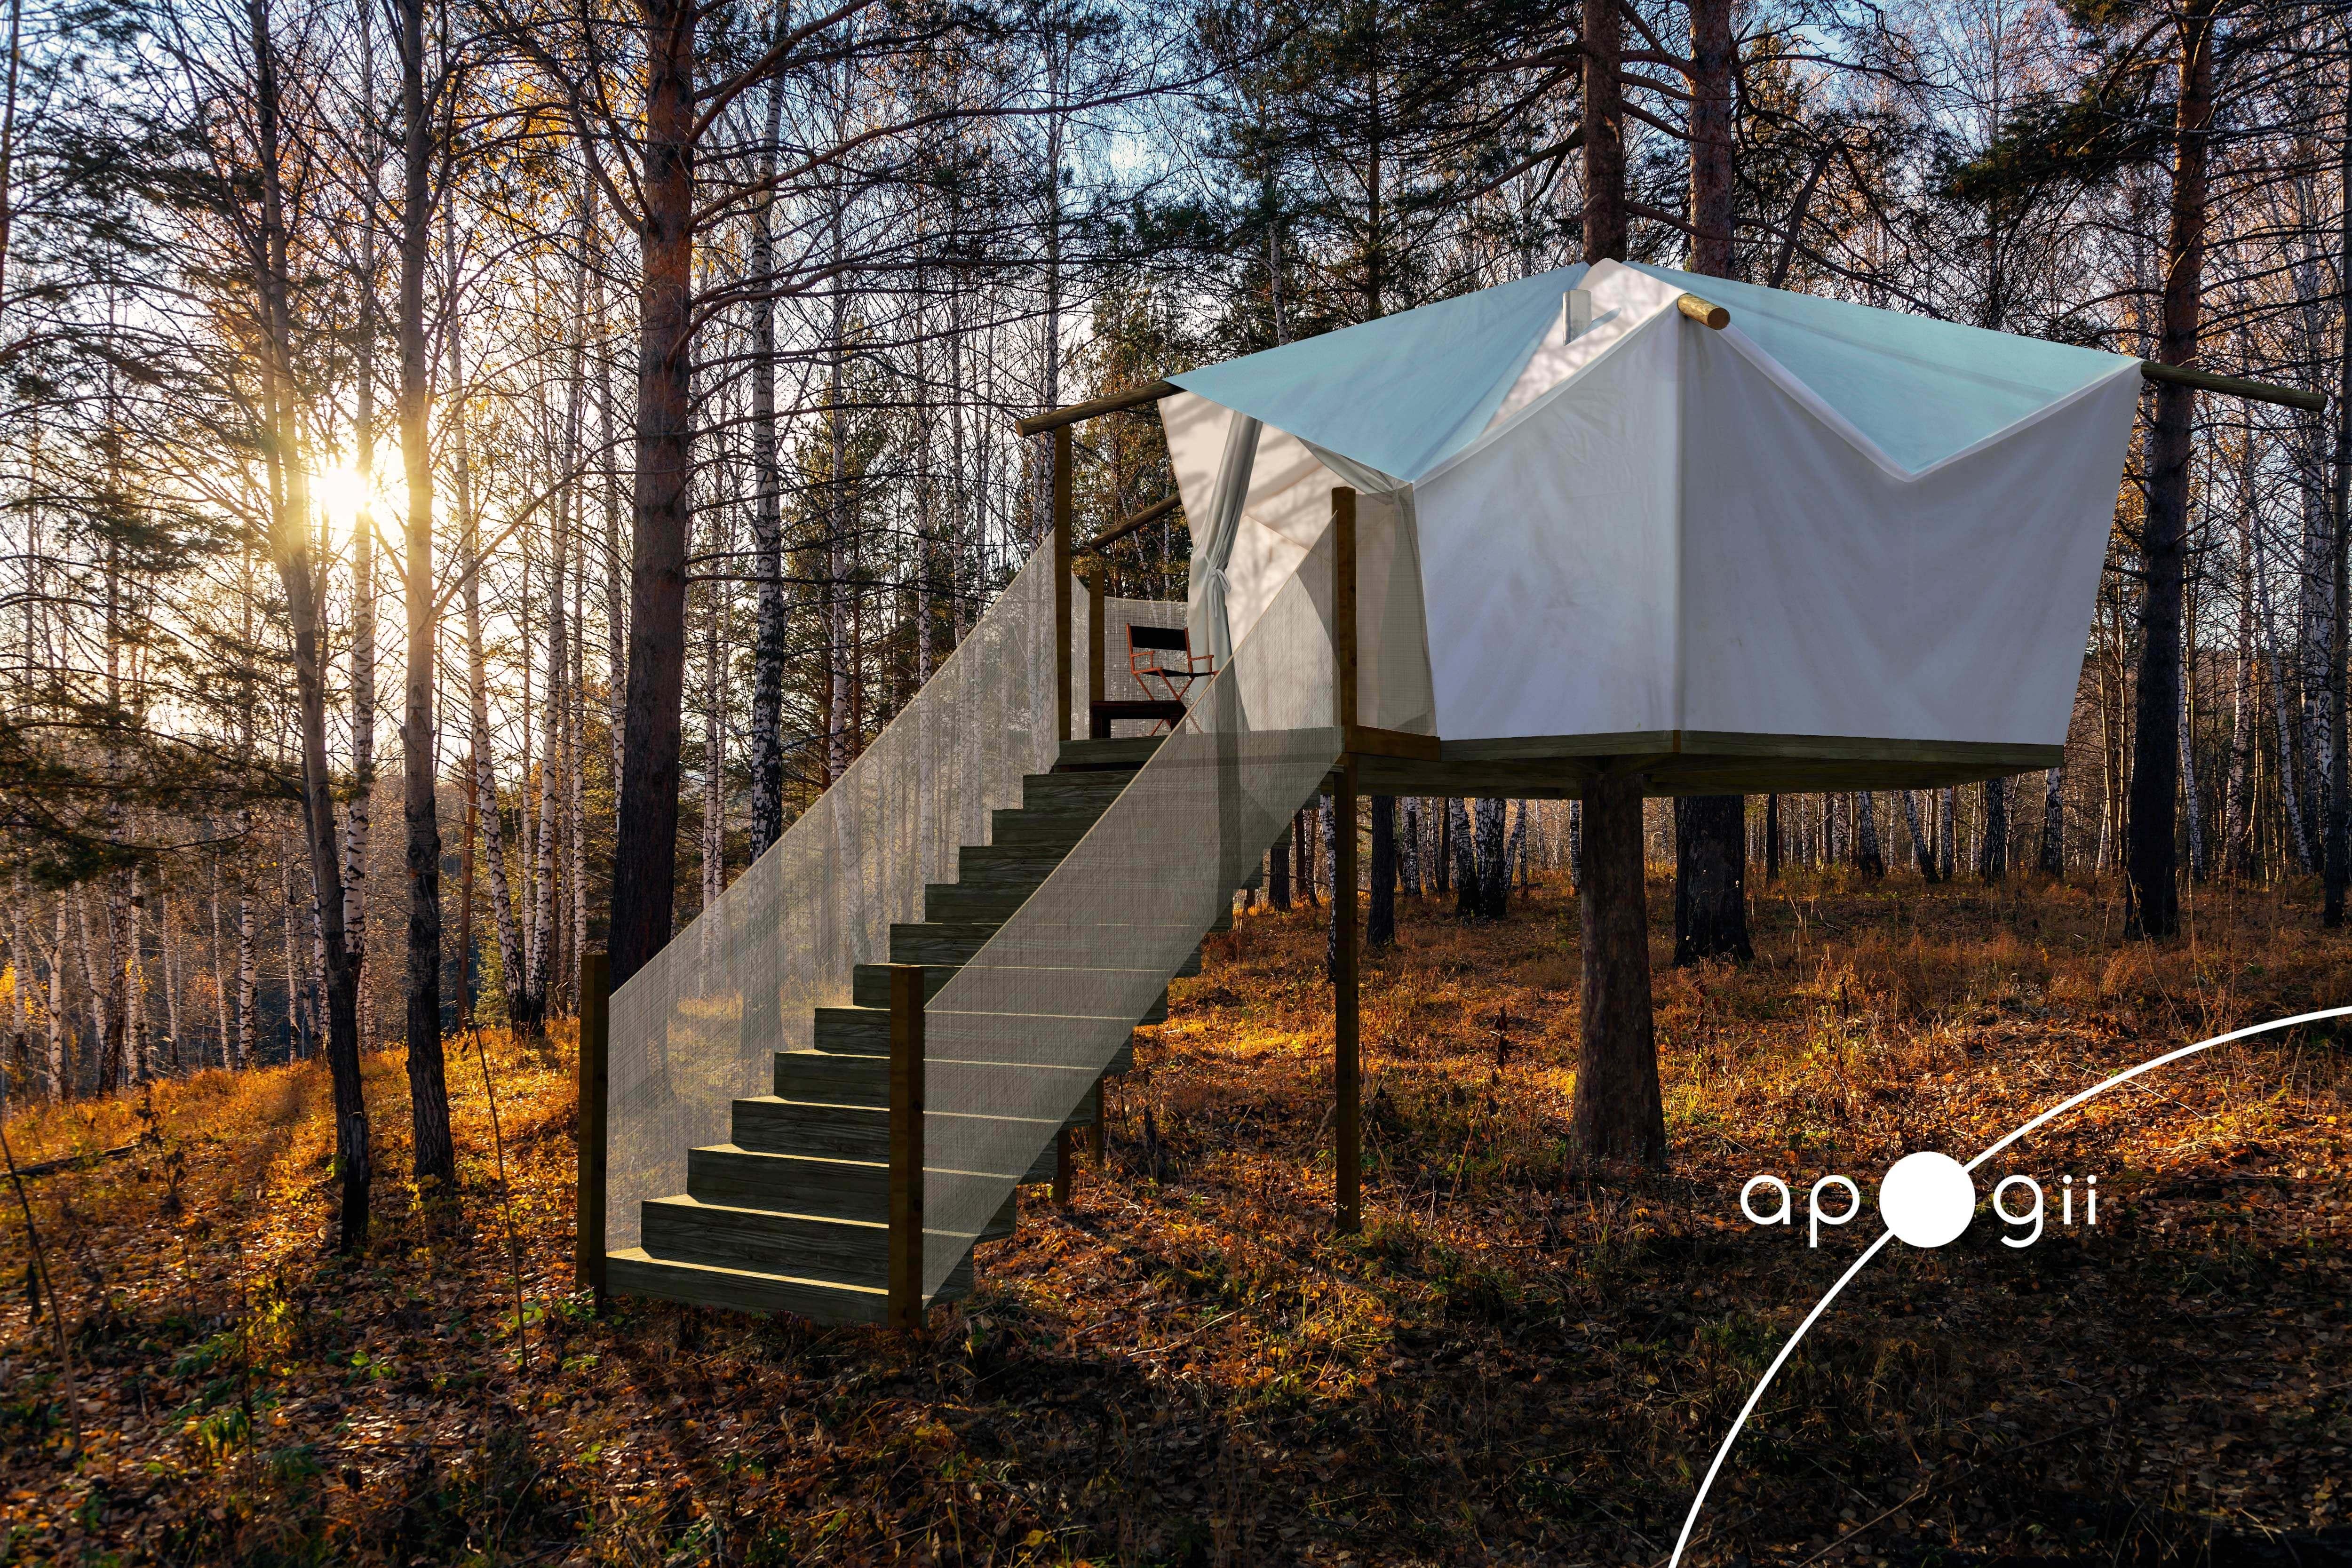 Treehouse-artwork